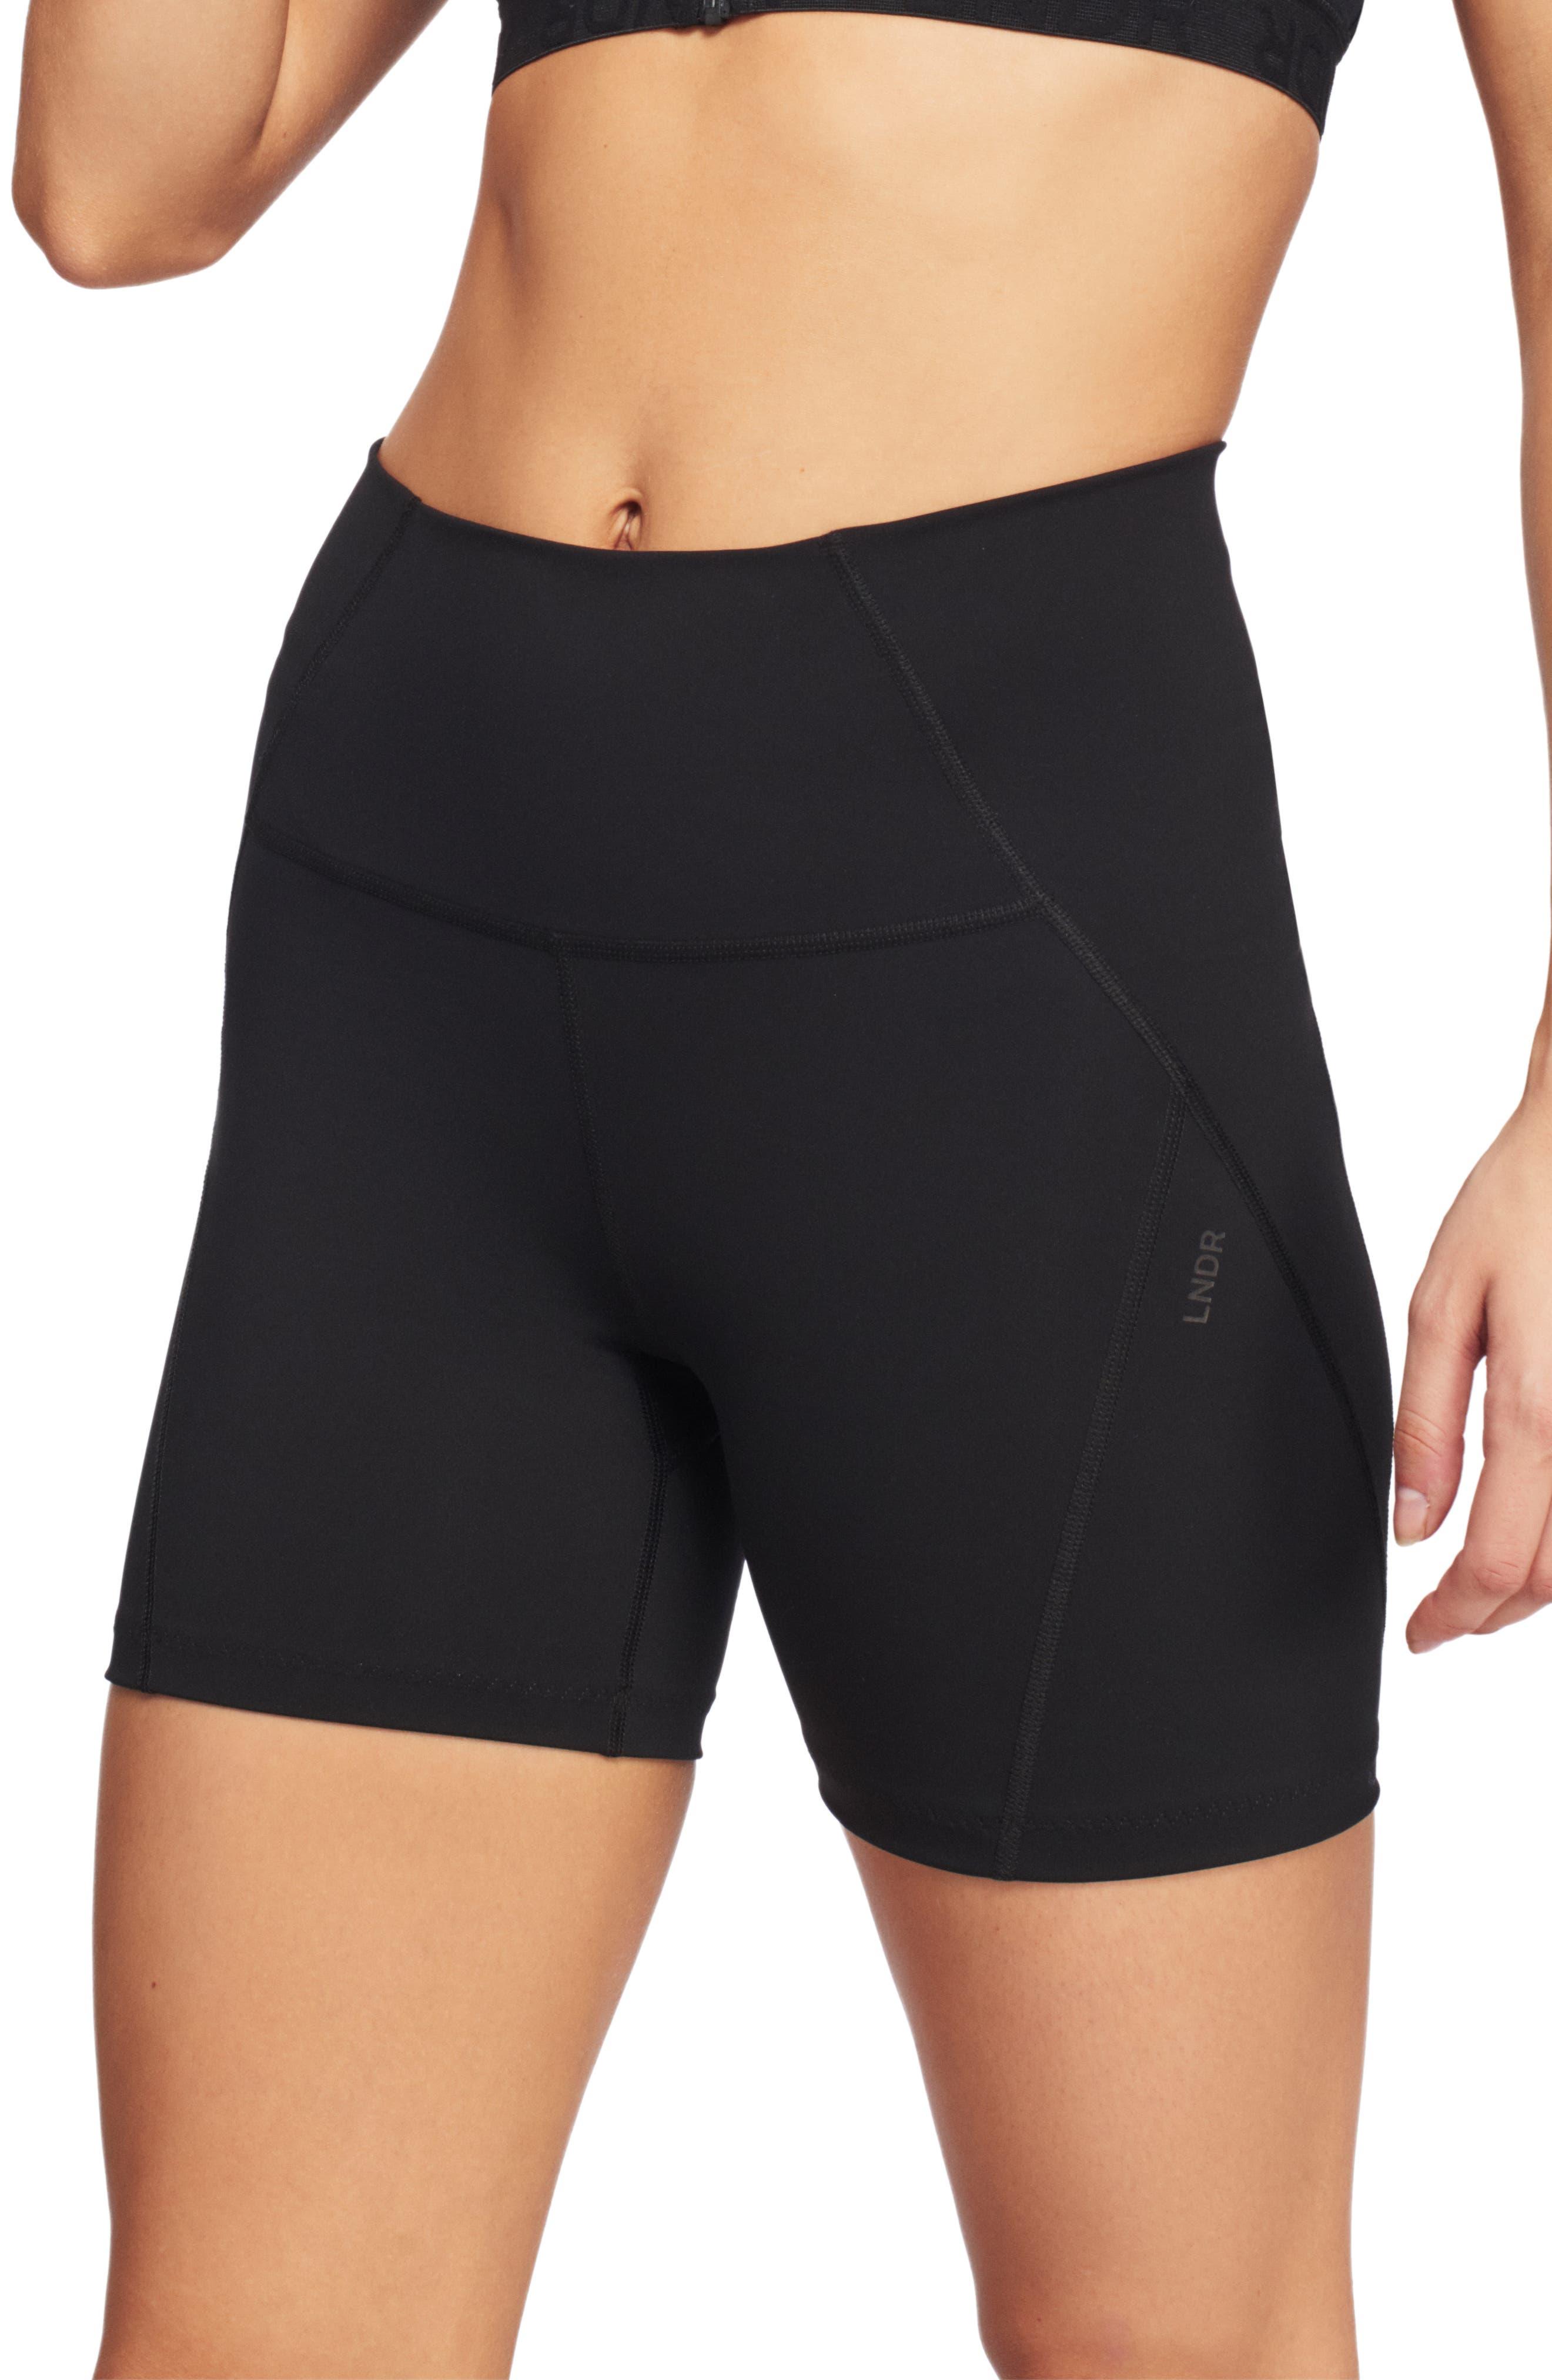 Lndr Compression Bike Shorts, Black